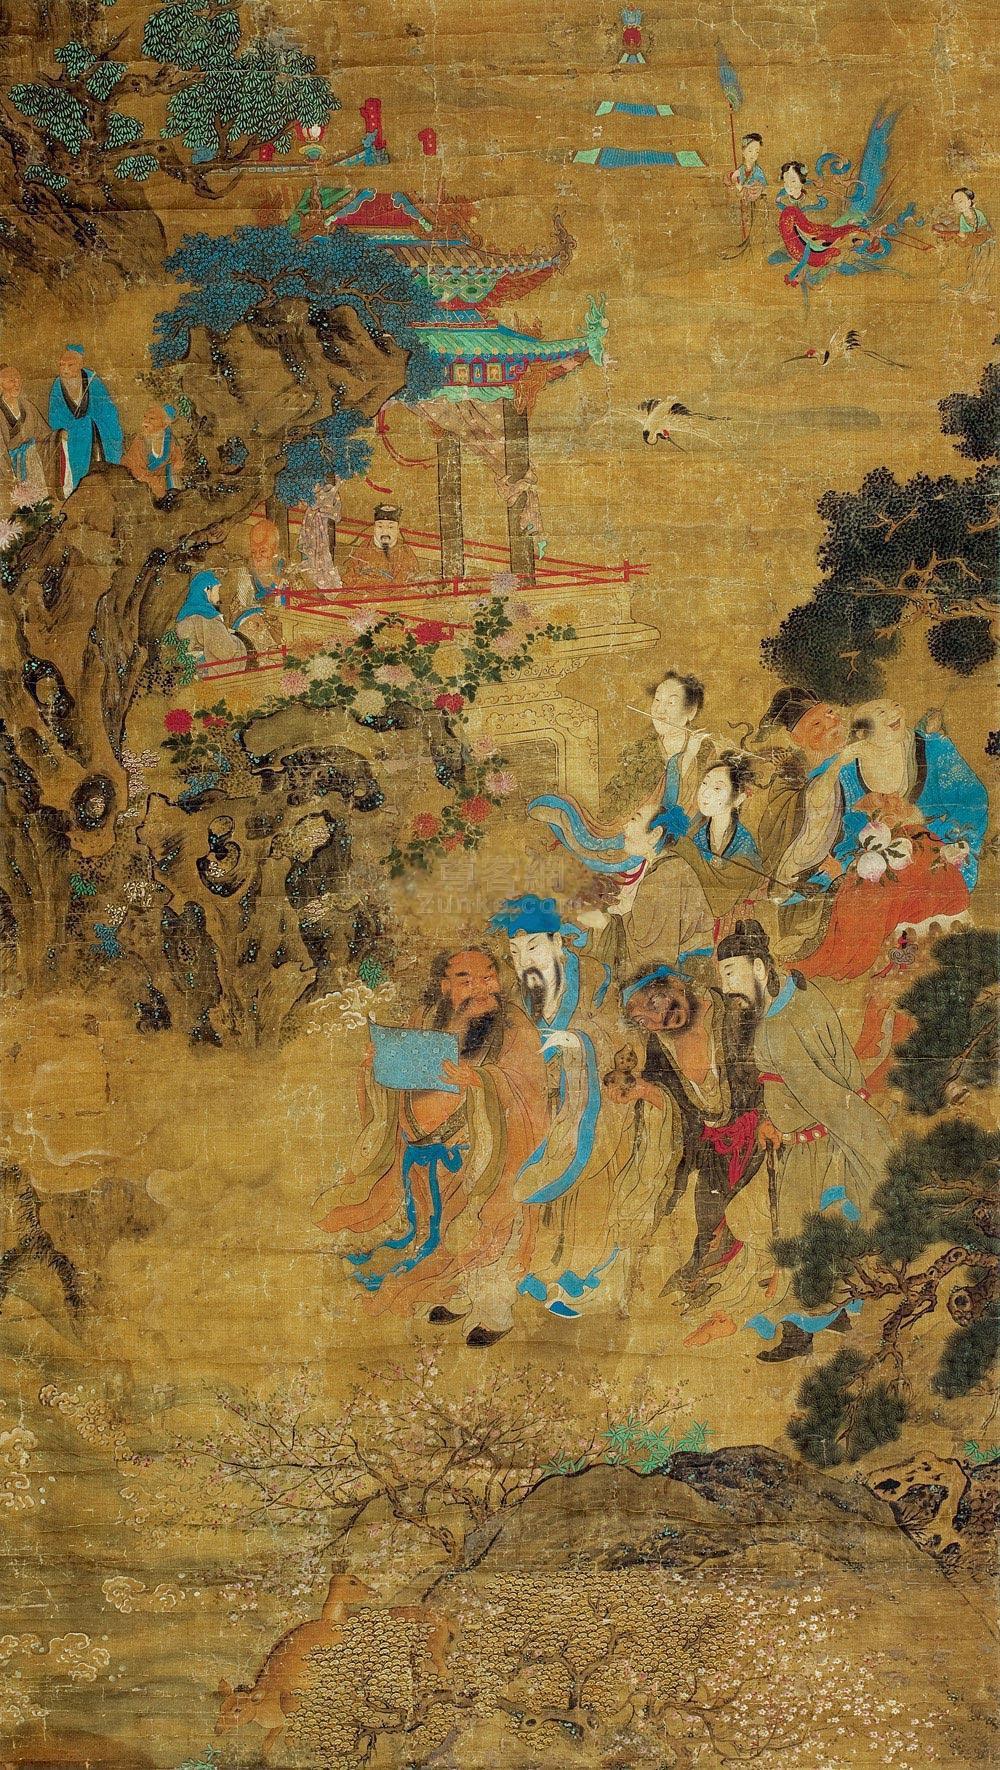 佚名 神仙图 立轴 设色绢本作品欣赏